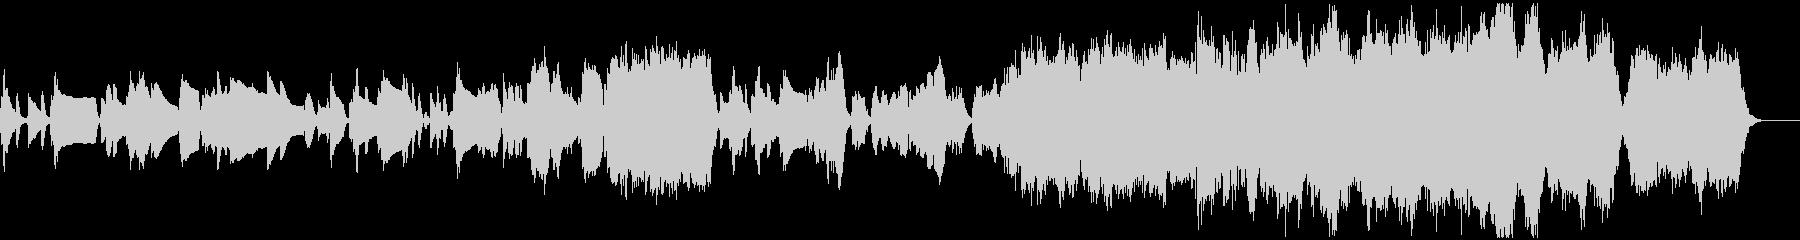 クラシックの曲ですの未再生の波形